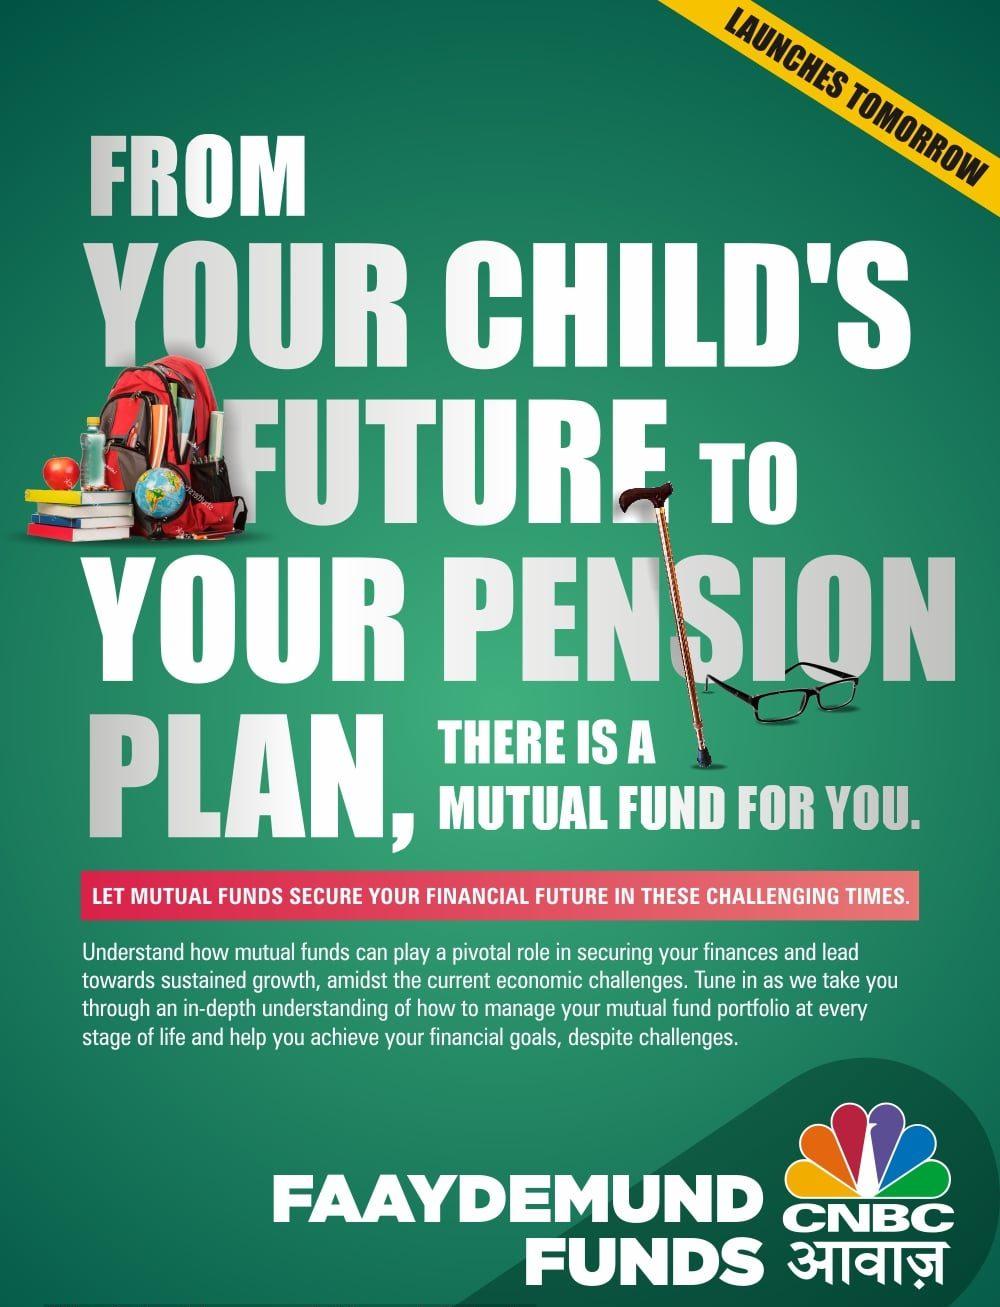 Image-Faydemand funds-MediaBrief.jpg